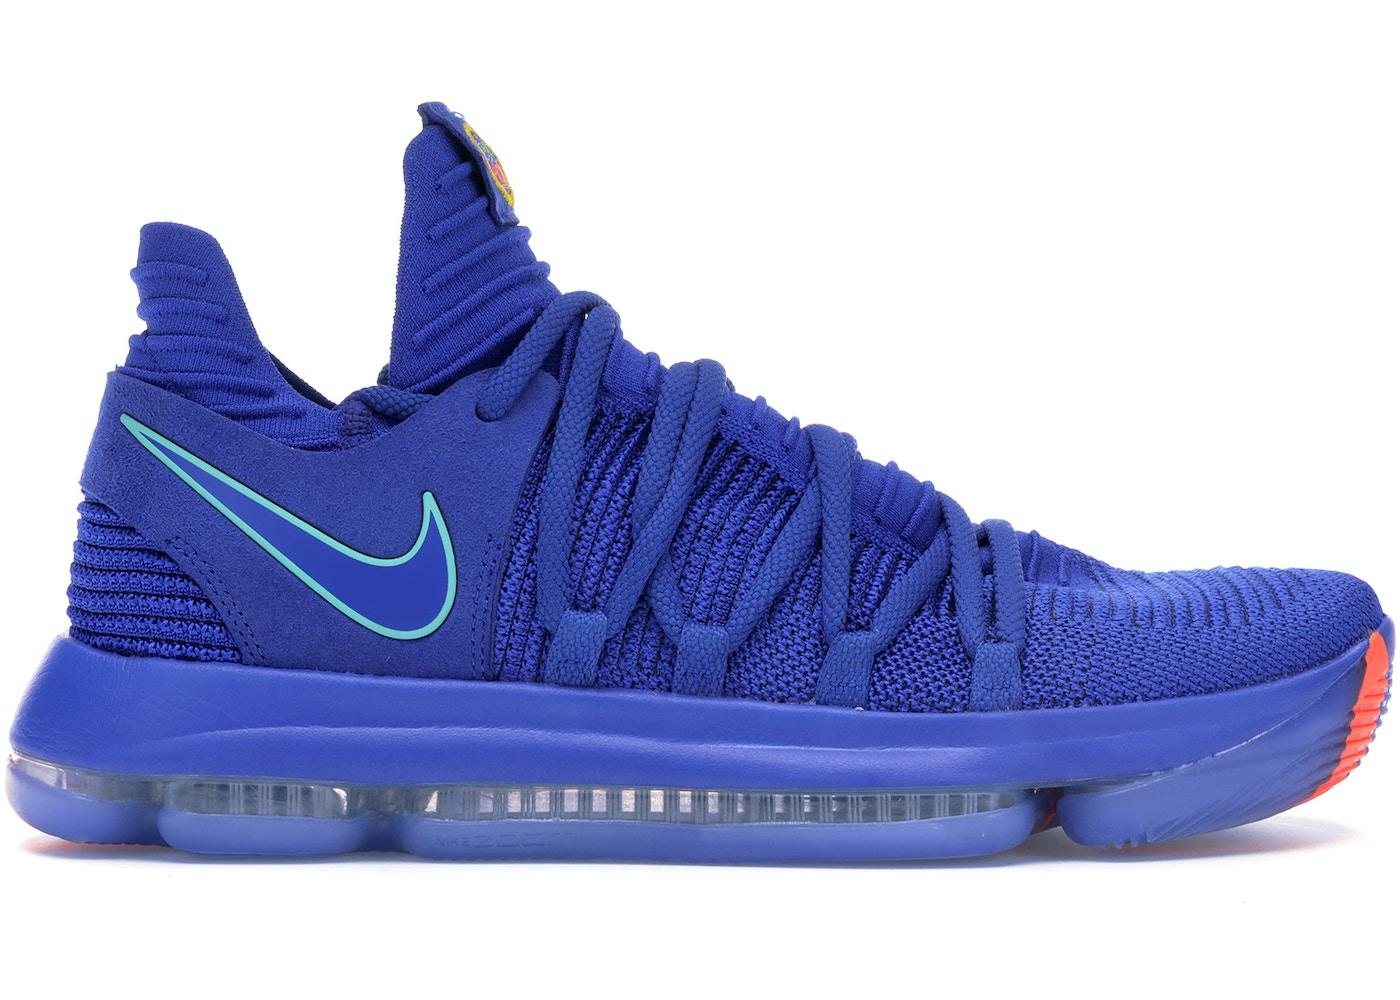 00fc13b26a27 Buy Nike KD Shoes   Deadstock Sneakers